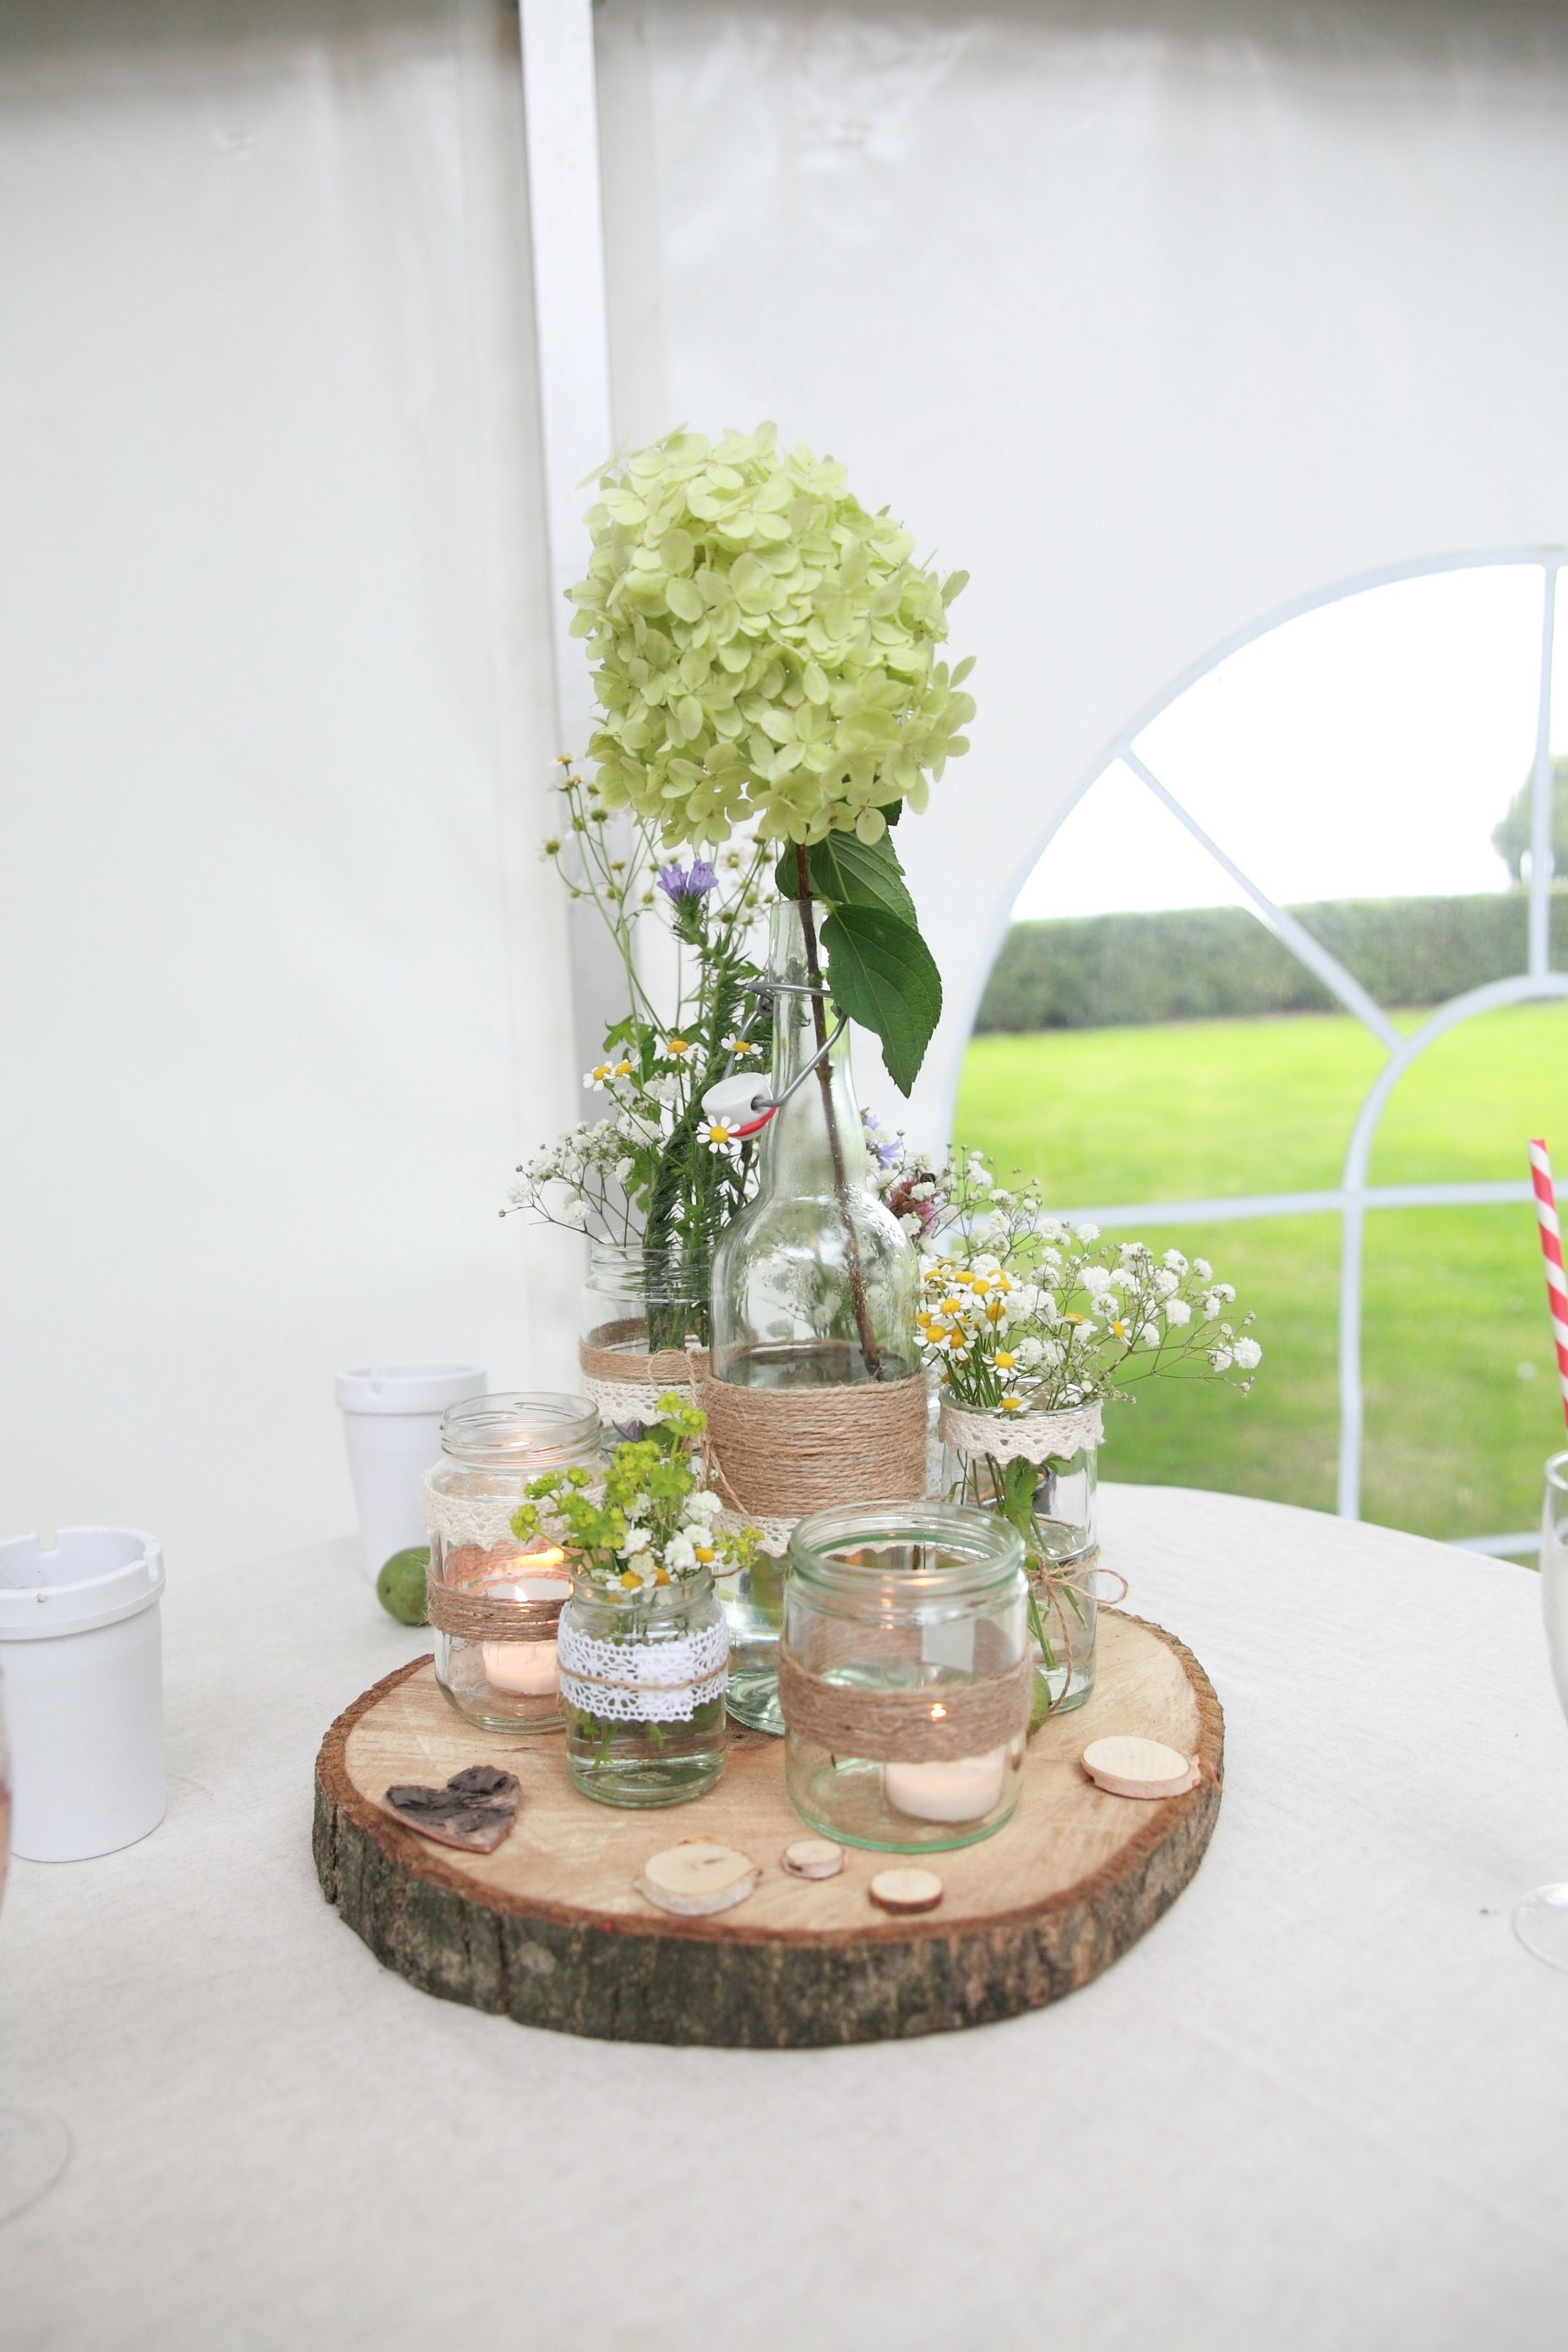 Wedding Hochzeit Dekoration Vintage Blumen Flaschen Diy Holz Tischdekoration Hochzeit Tischdekorartion Tischdekoration Gartenparty Dekoration Hochzeit